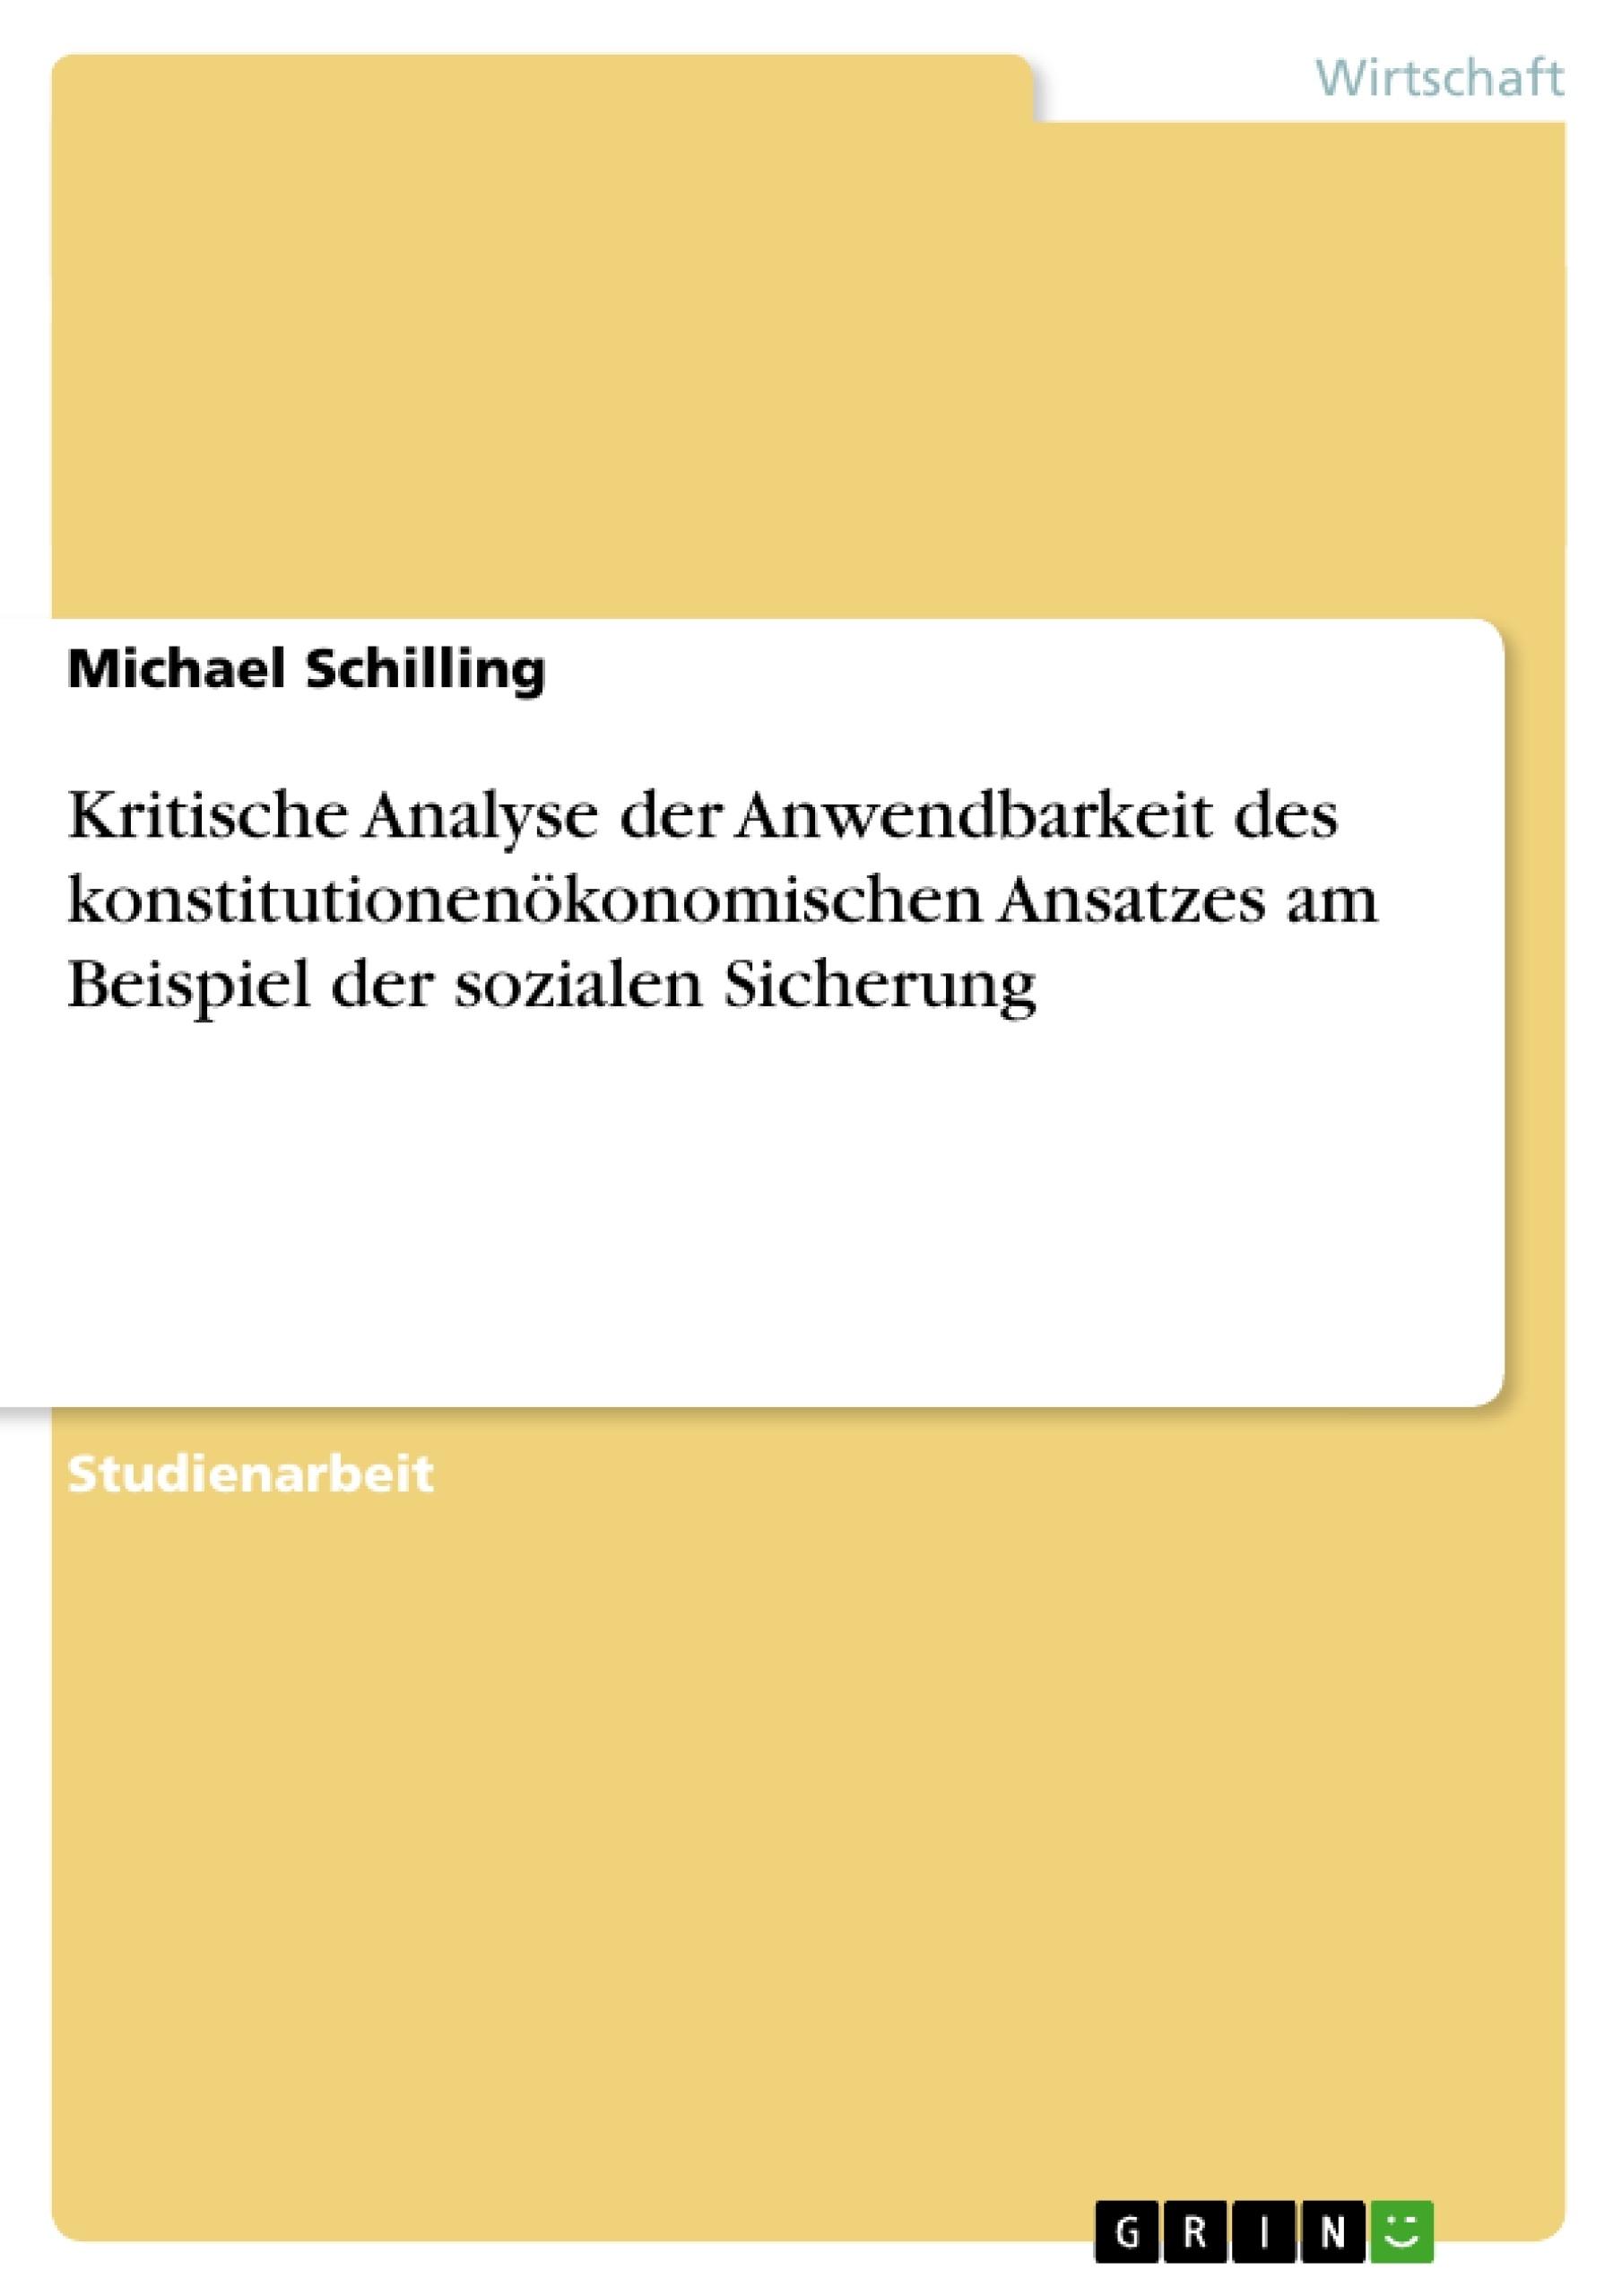 Titel: Kritische Analyse der Anwendbarkeit des konstitutionenökonomischen Ansatzes am Beispiel der sozialen Sicherung